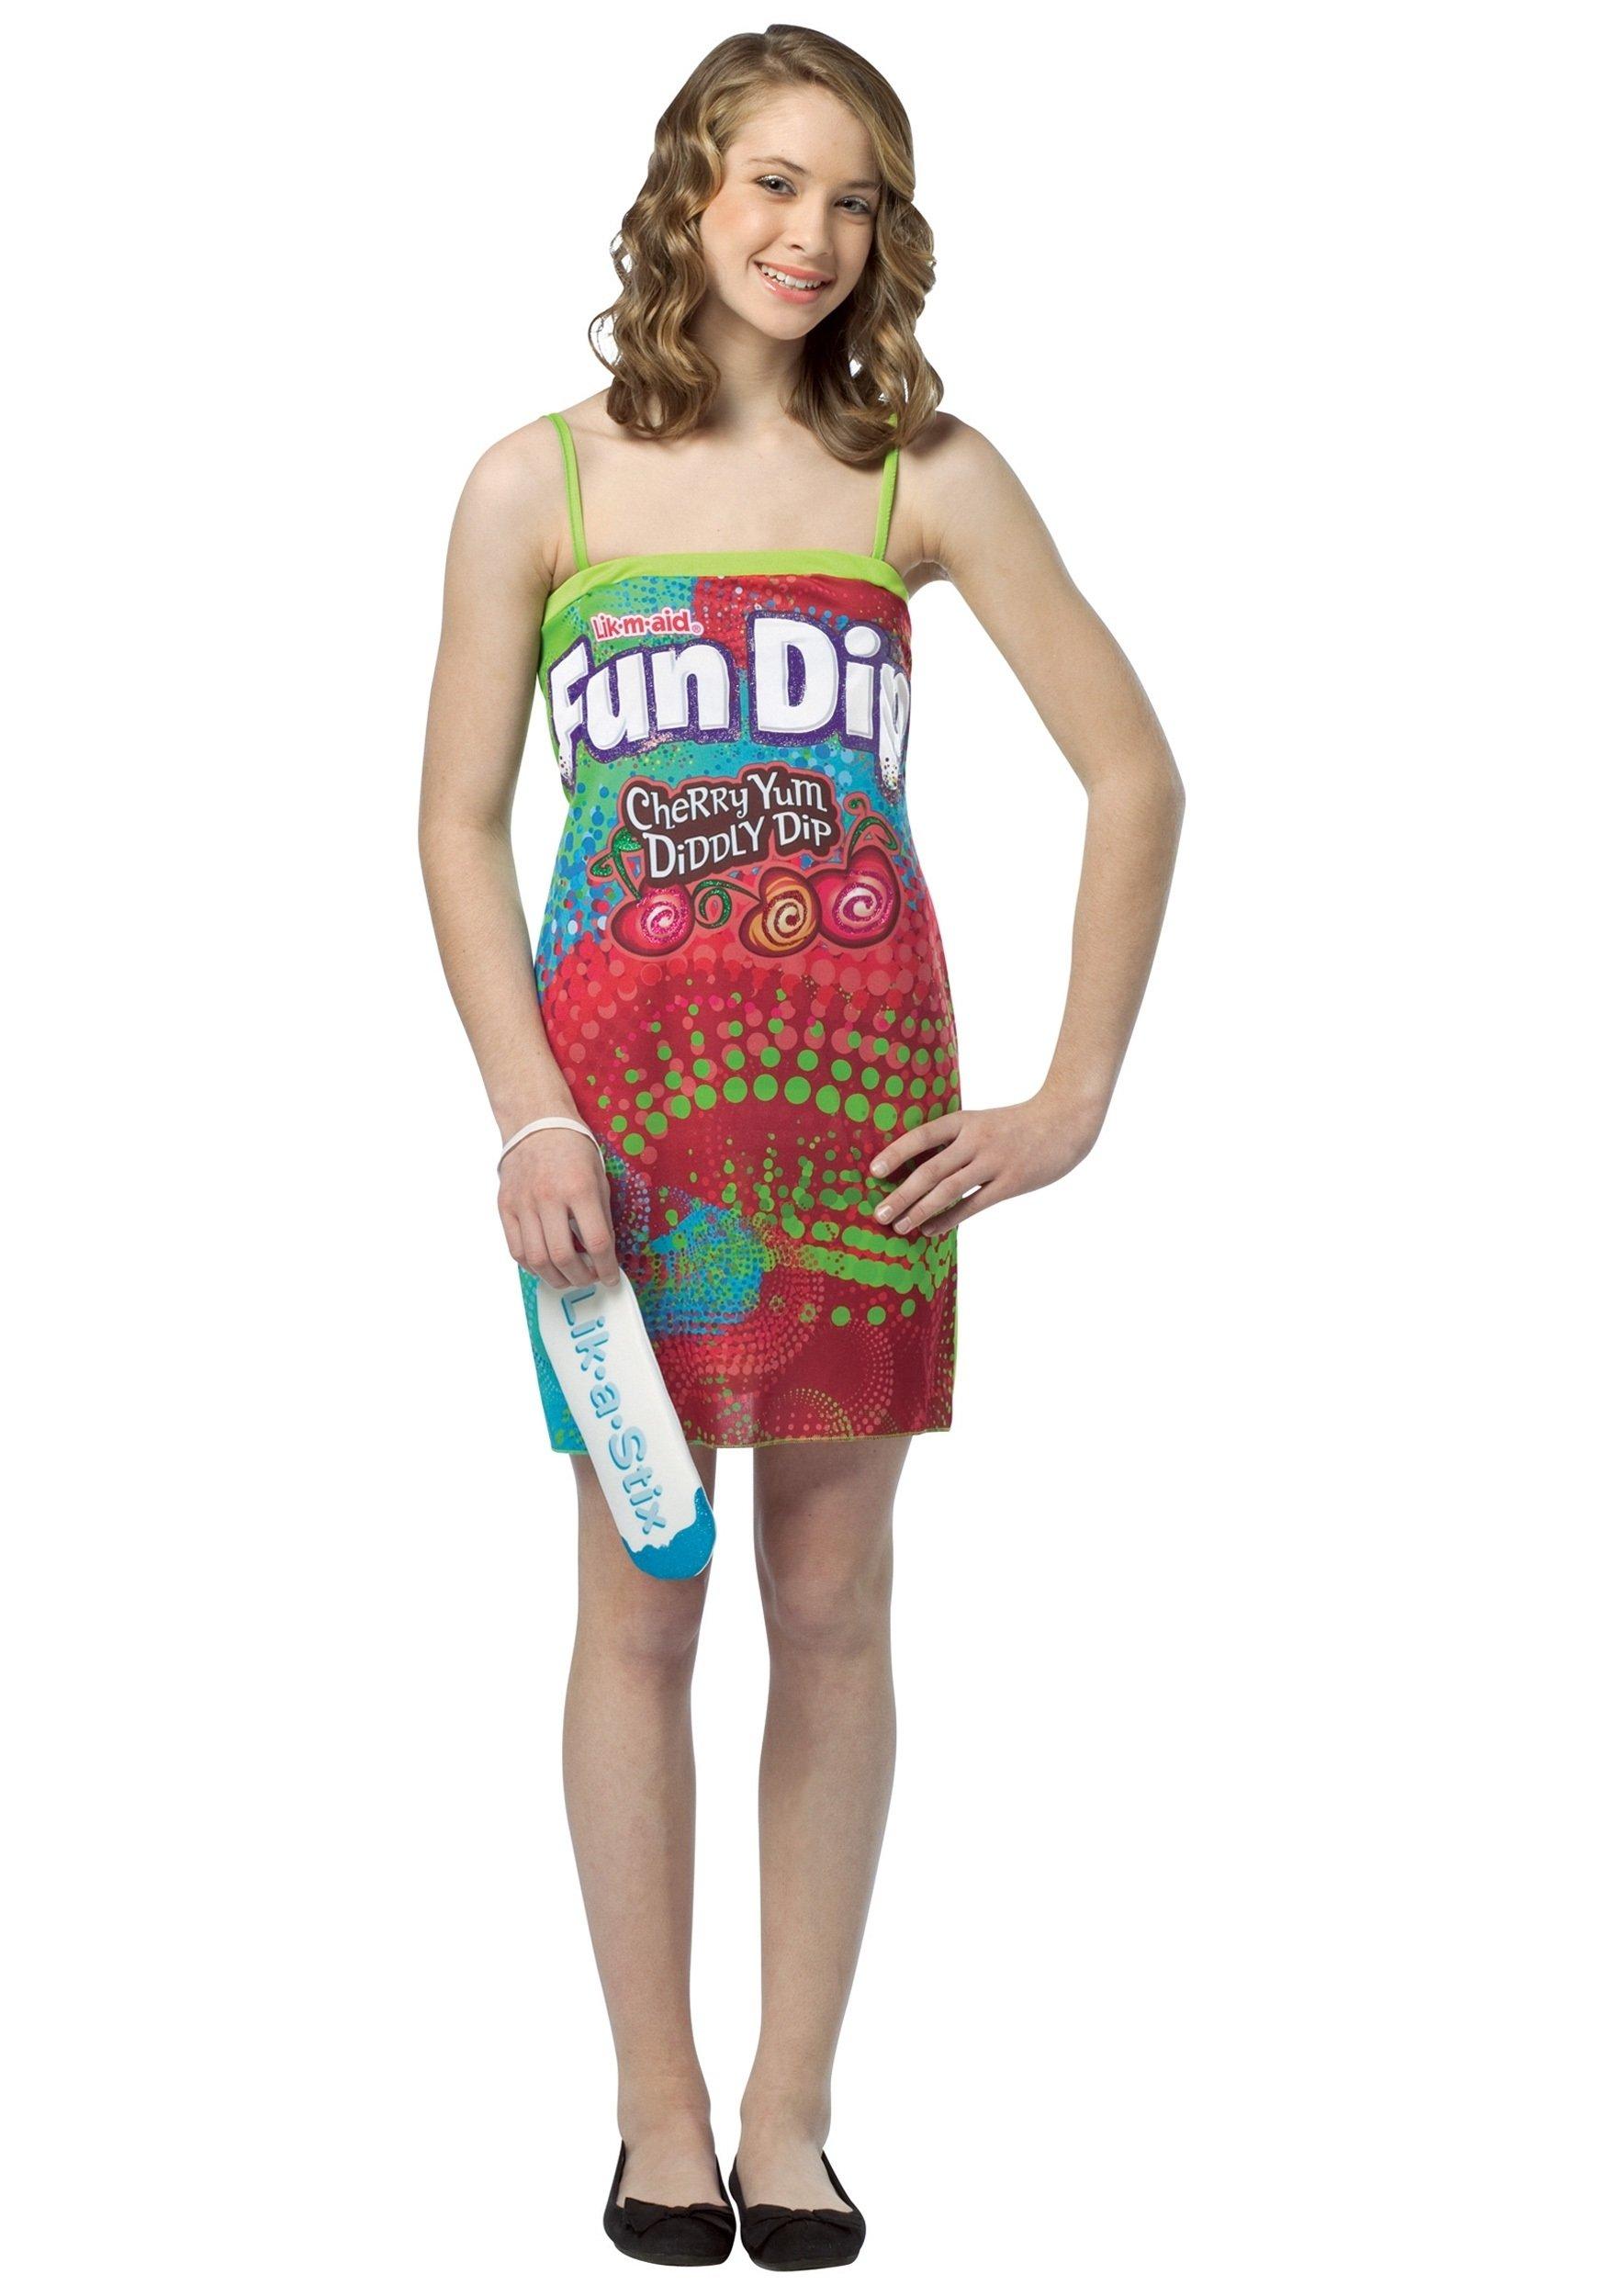 10 Beautiful Funny Female Halloween Costume Ideas teen fun dip dress halloween pinterest teen fun fun dip and 5 2020